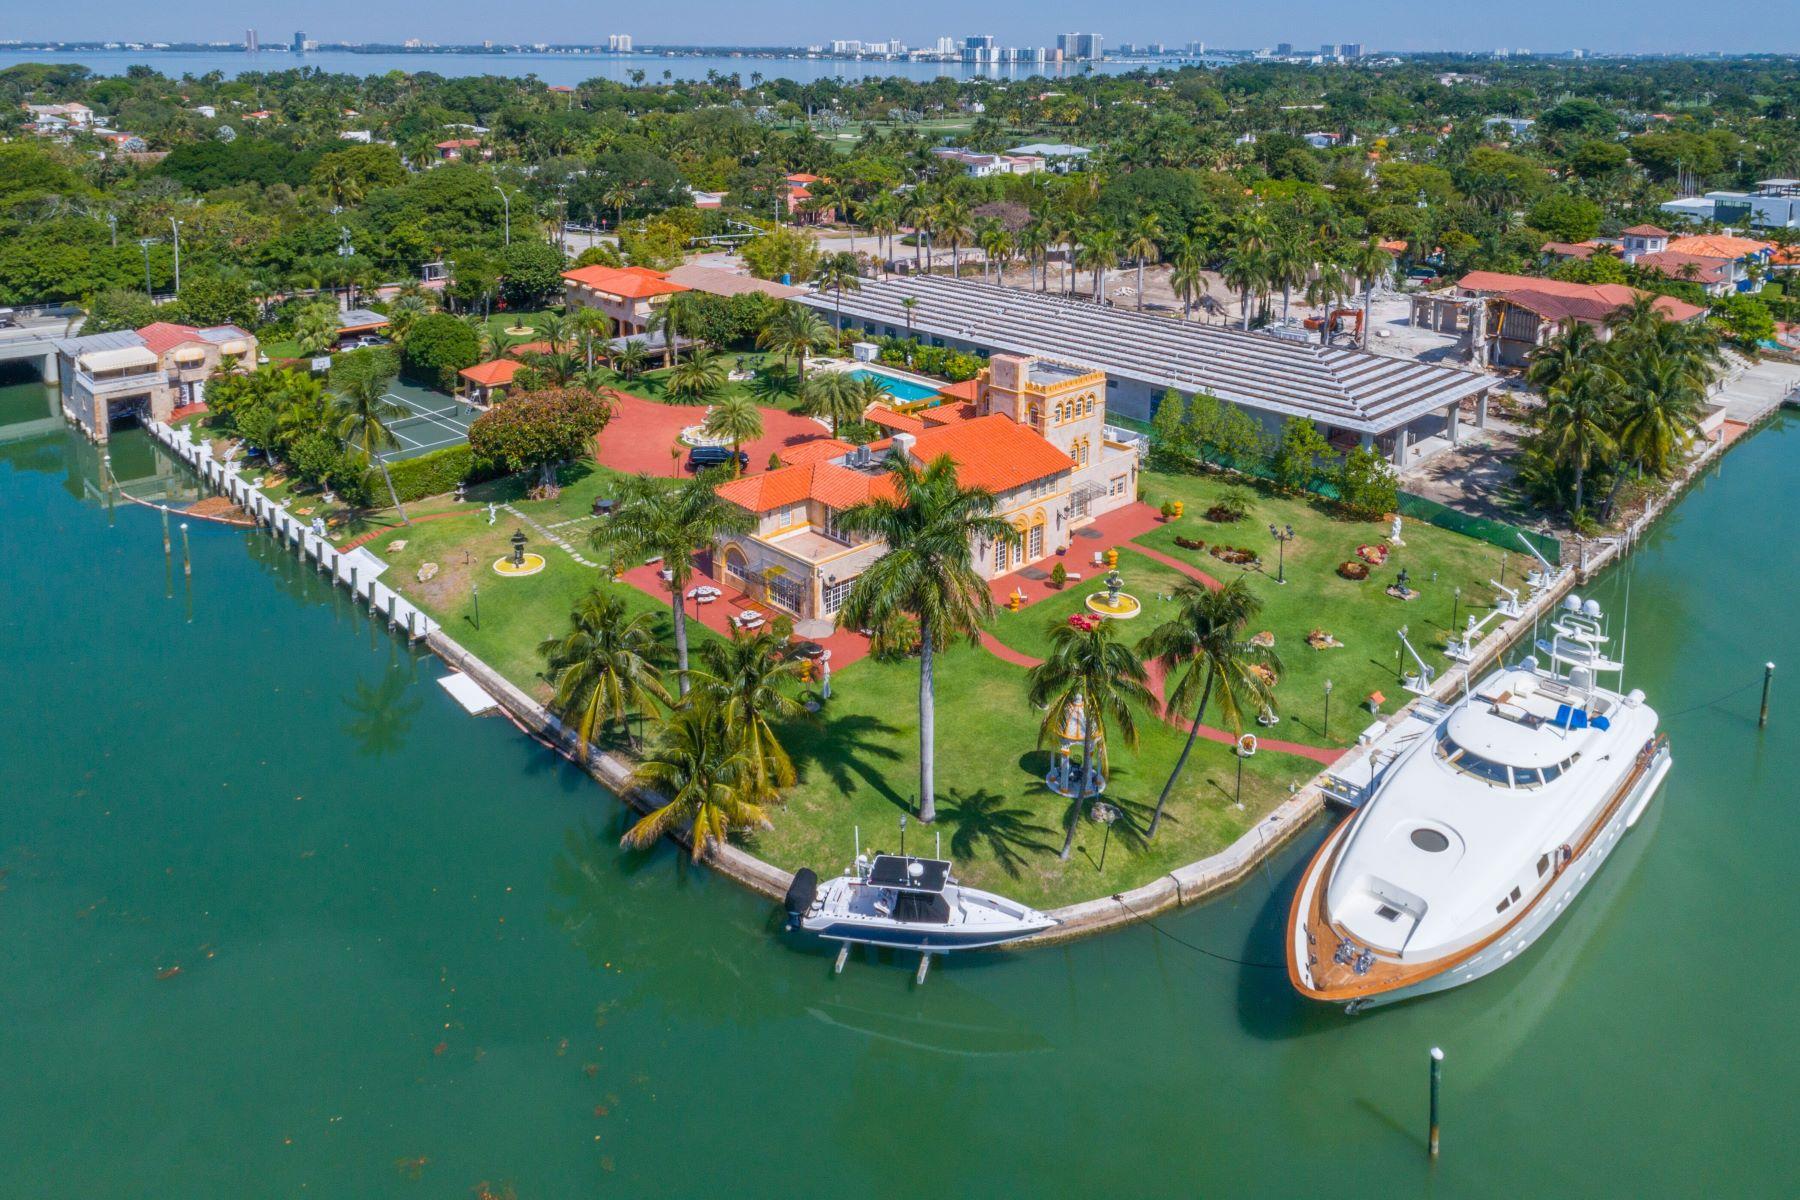 Villa per Vendita alle ore 5011 Pine Tree Dr Miami Beach, Florida, 33140 Stati Uniti